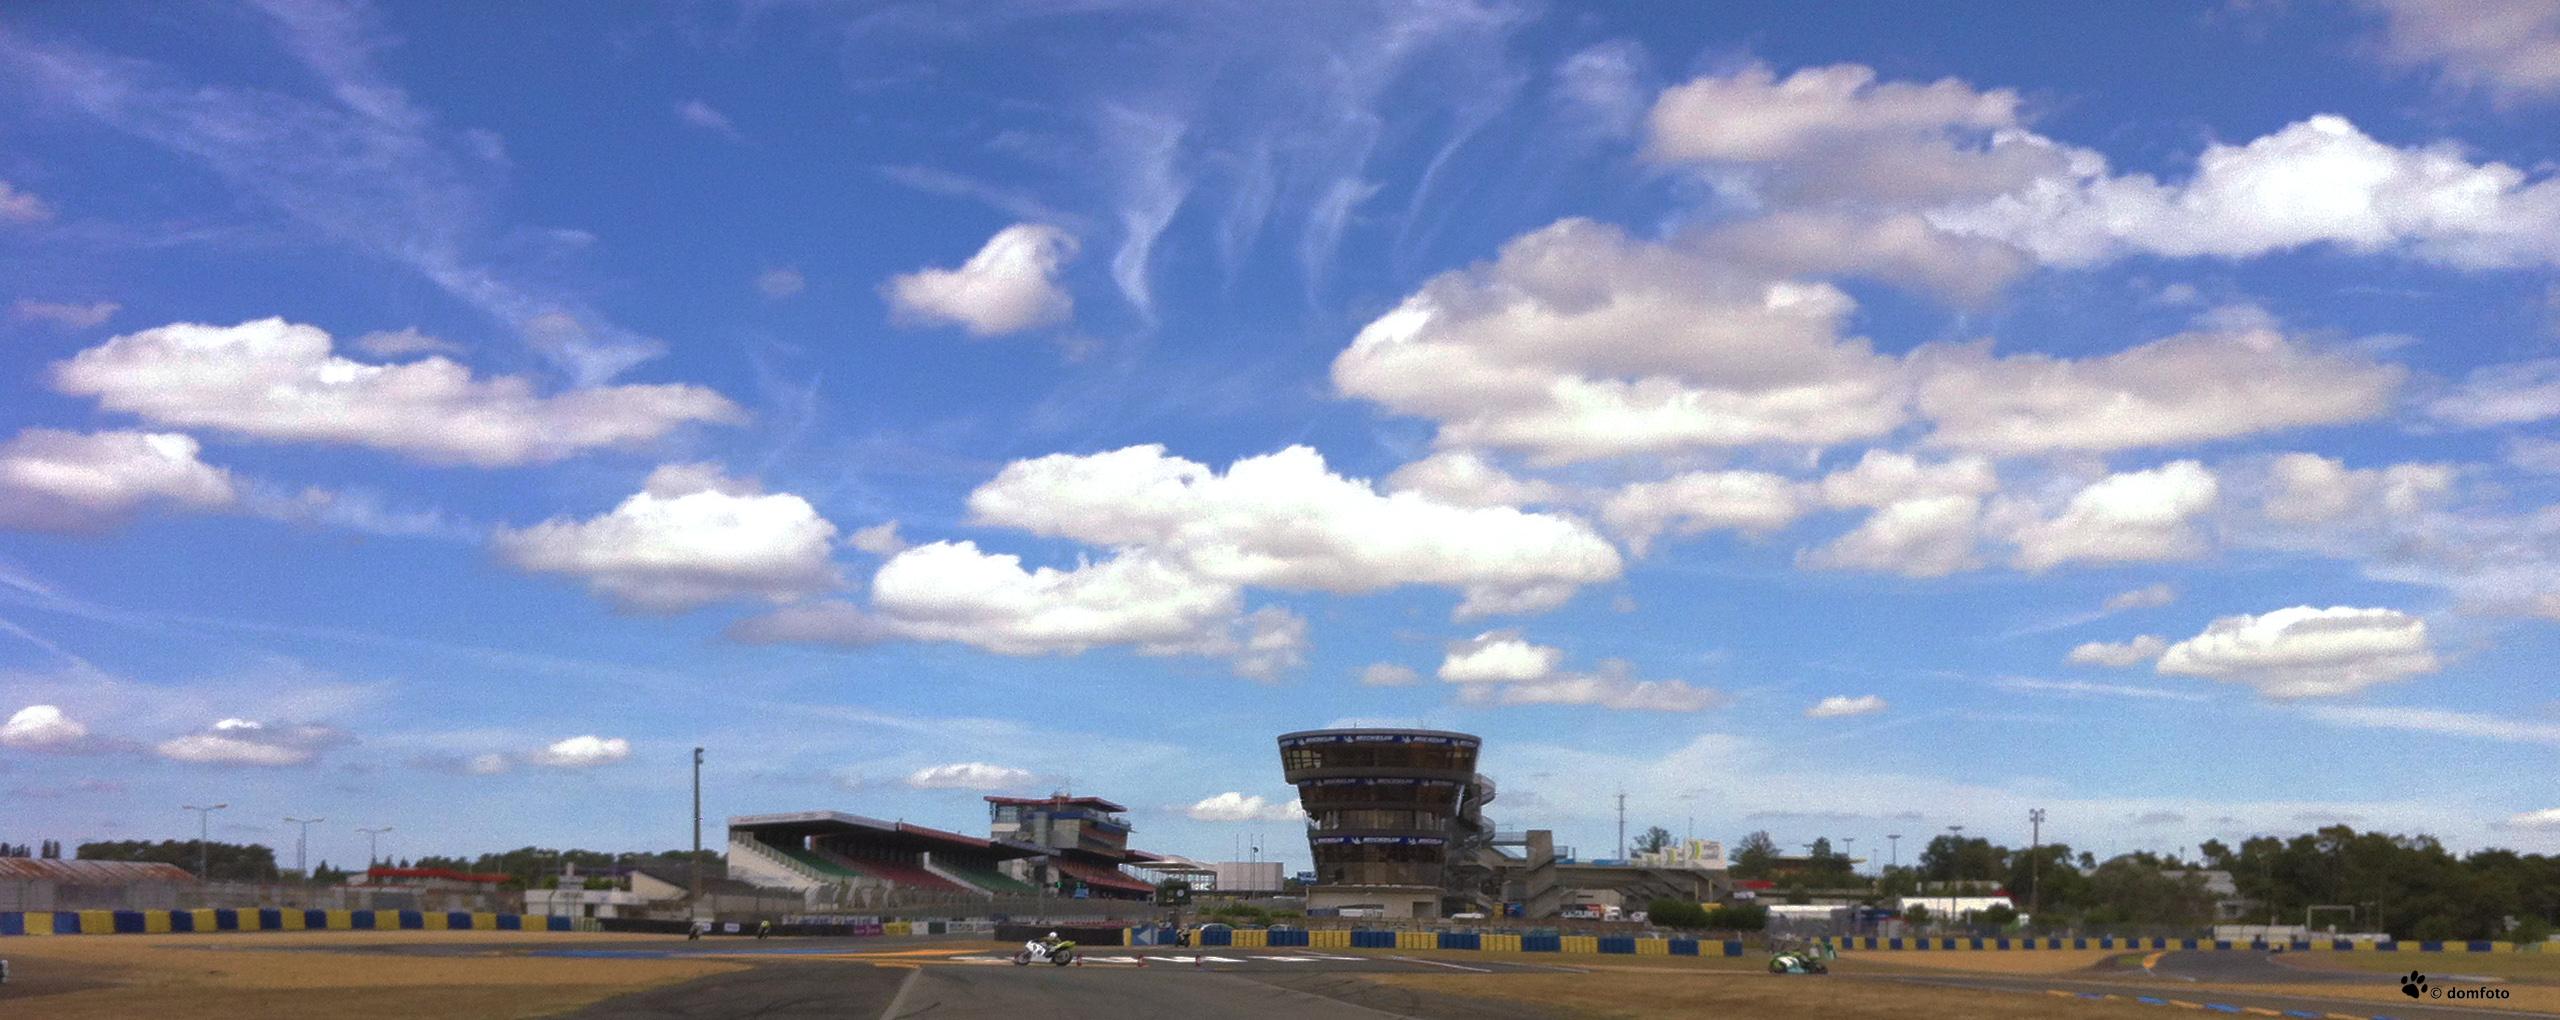 Ciel Le Mans by domfoto